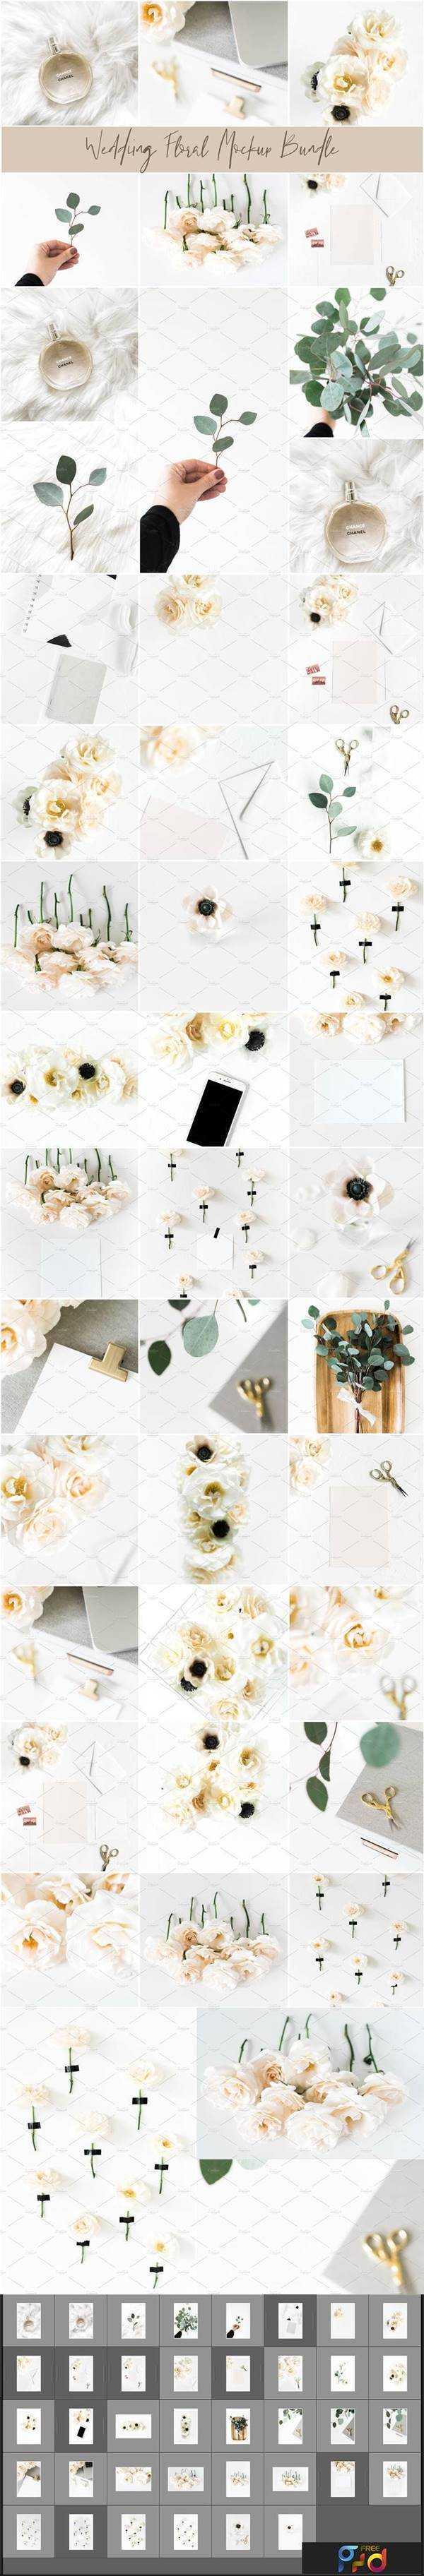 1805200 Wedding Mockup Floral Bundle 2227929 1